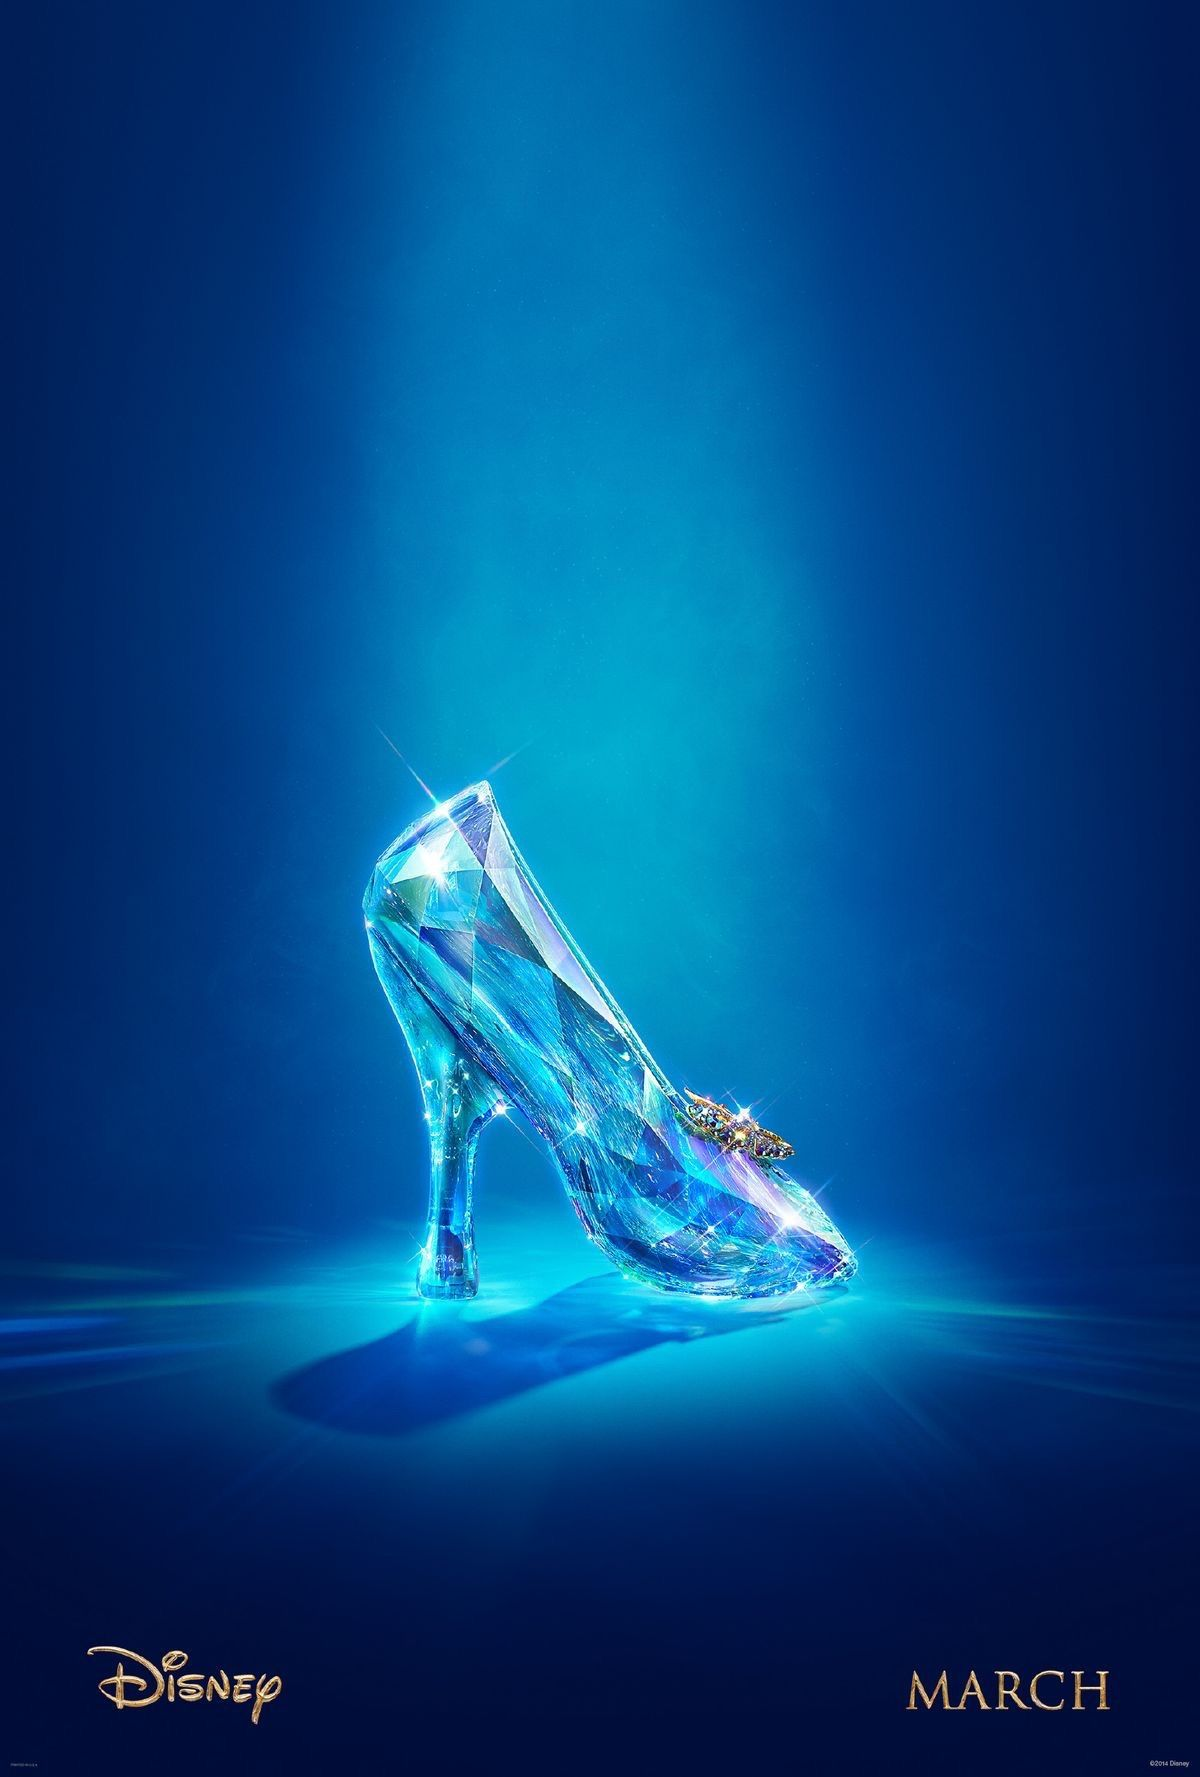 ガラスの靴 シンデレラ 壁紙 ディズニー映画 シンデレラ